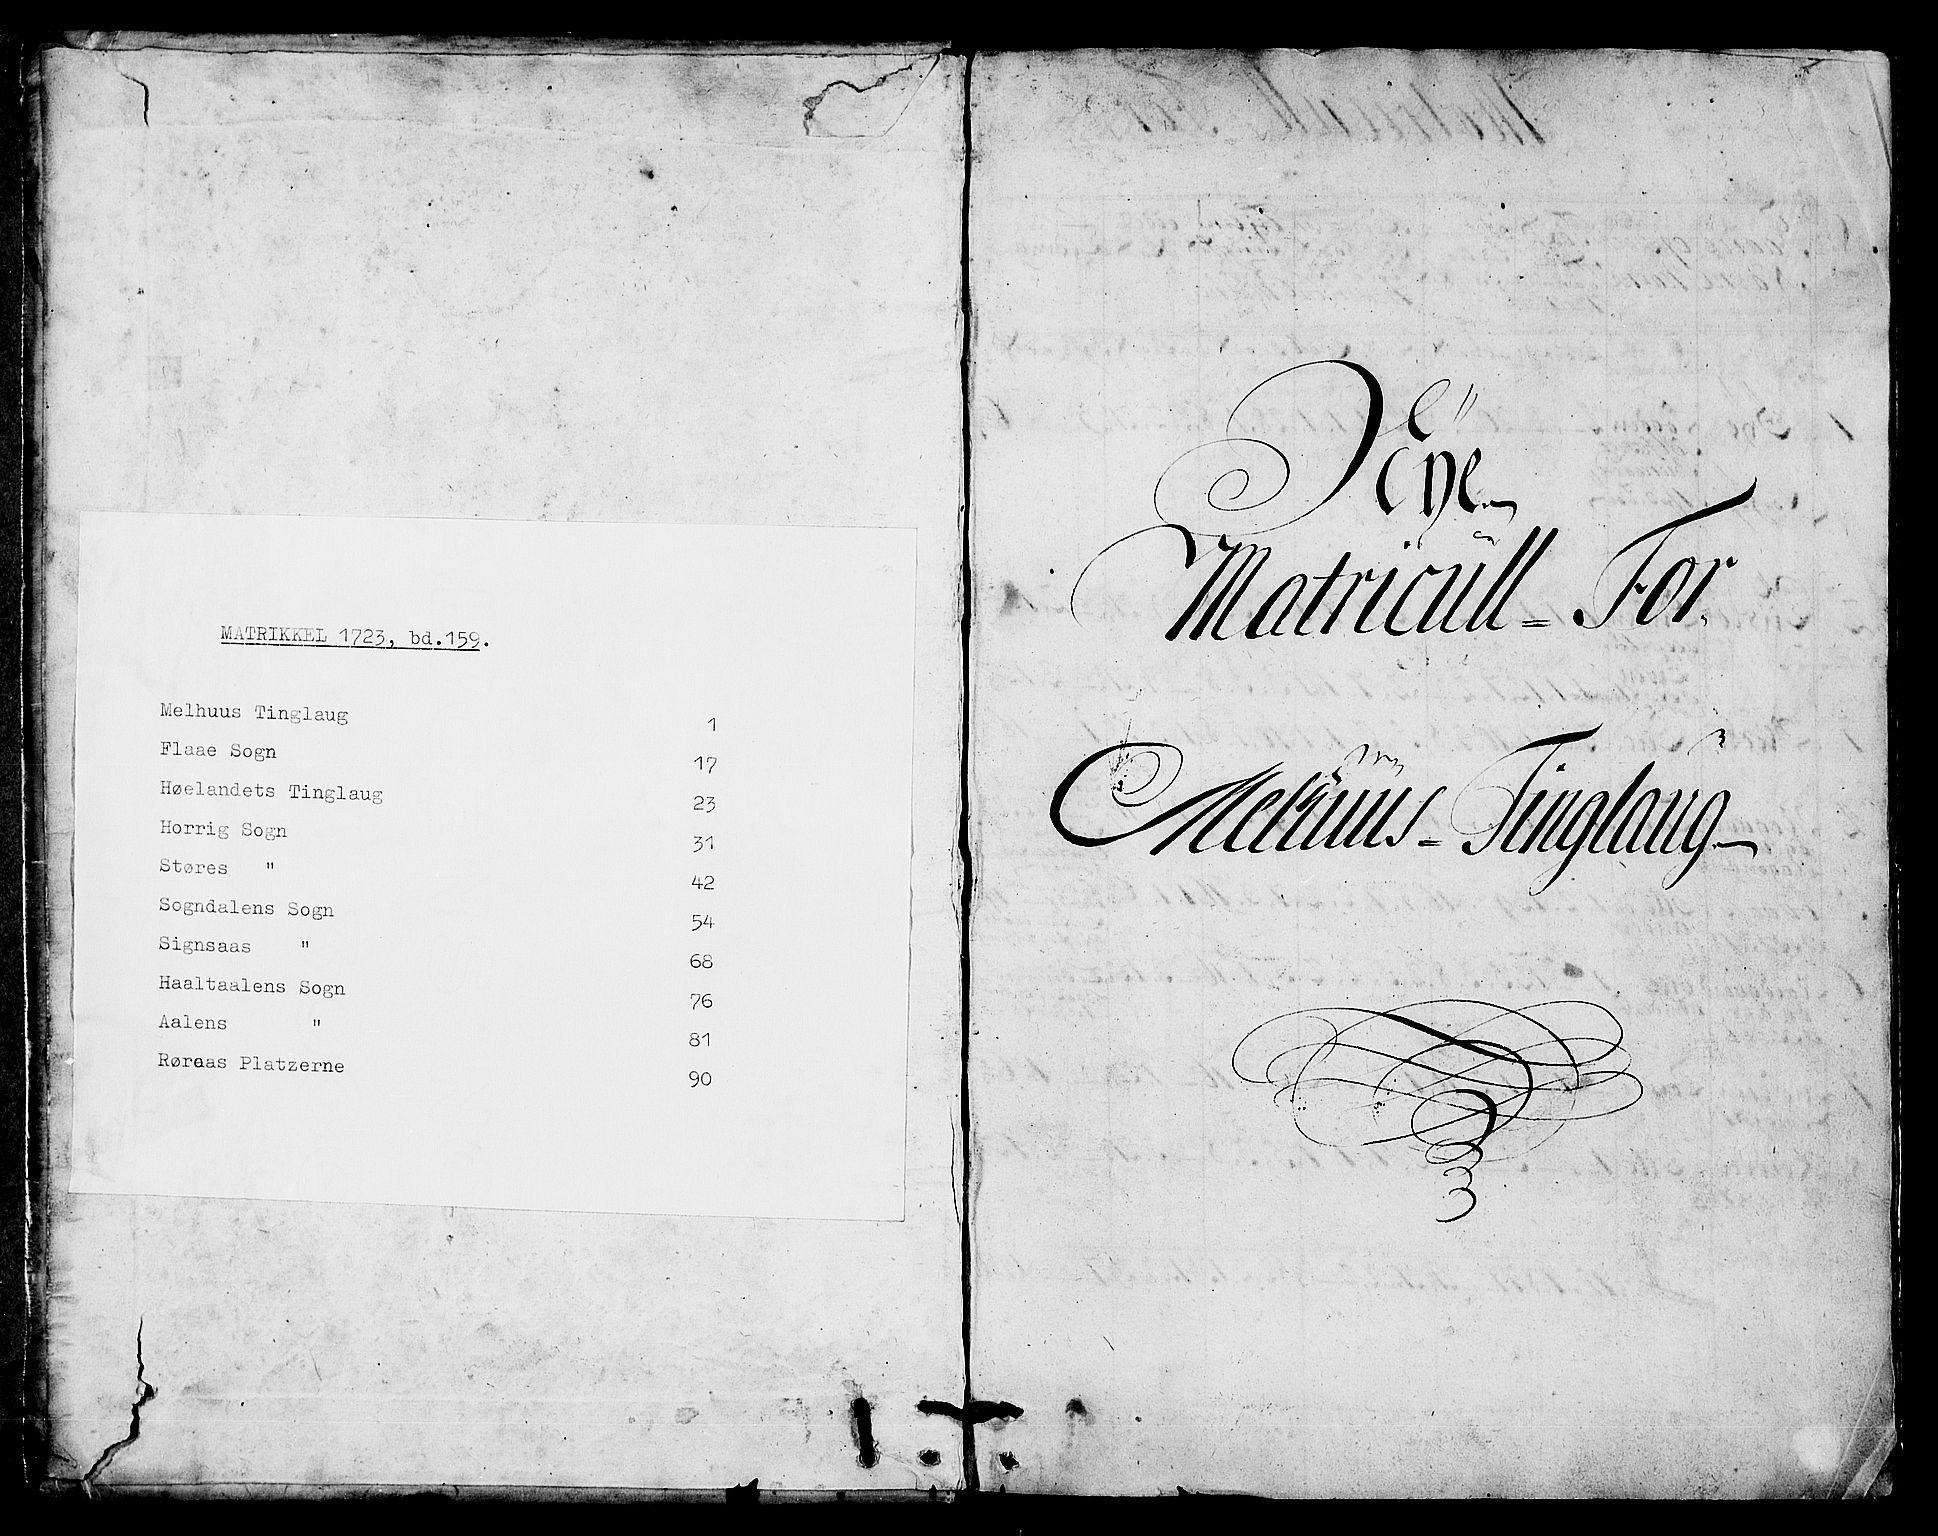 RA, Rentekammeret inntil 1814, Realistisk ordnet avdeling, N/Nb/Nbf/L0159: Gauldal matrikkelprotokoll, 1723, s. upaginert